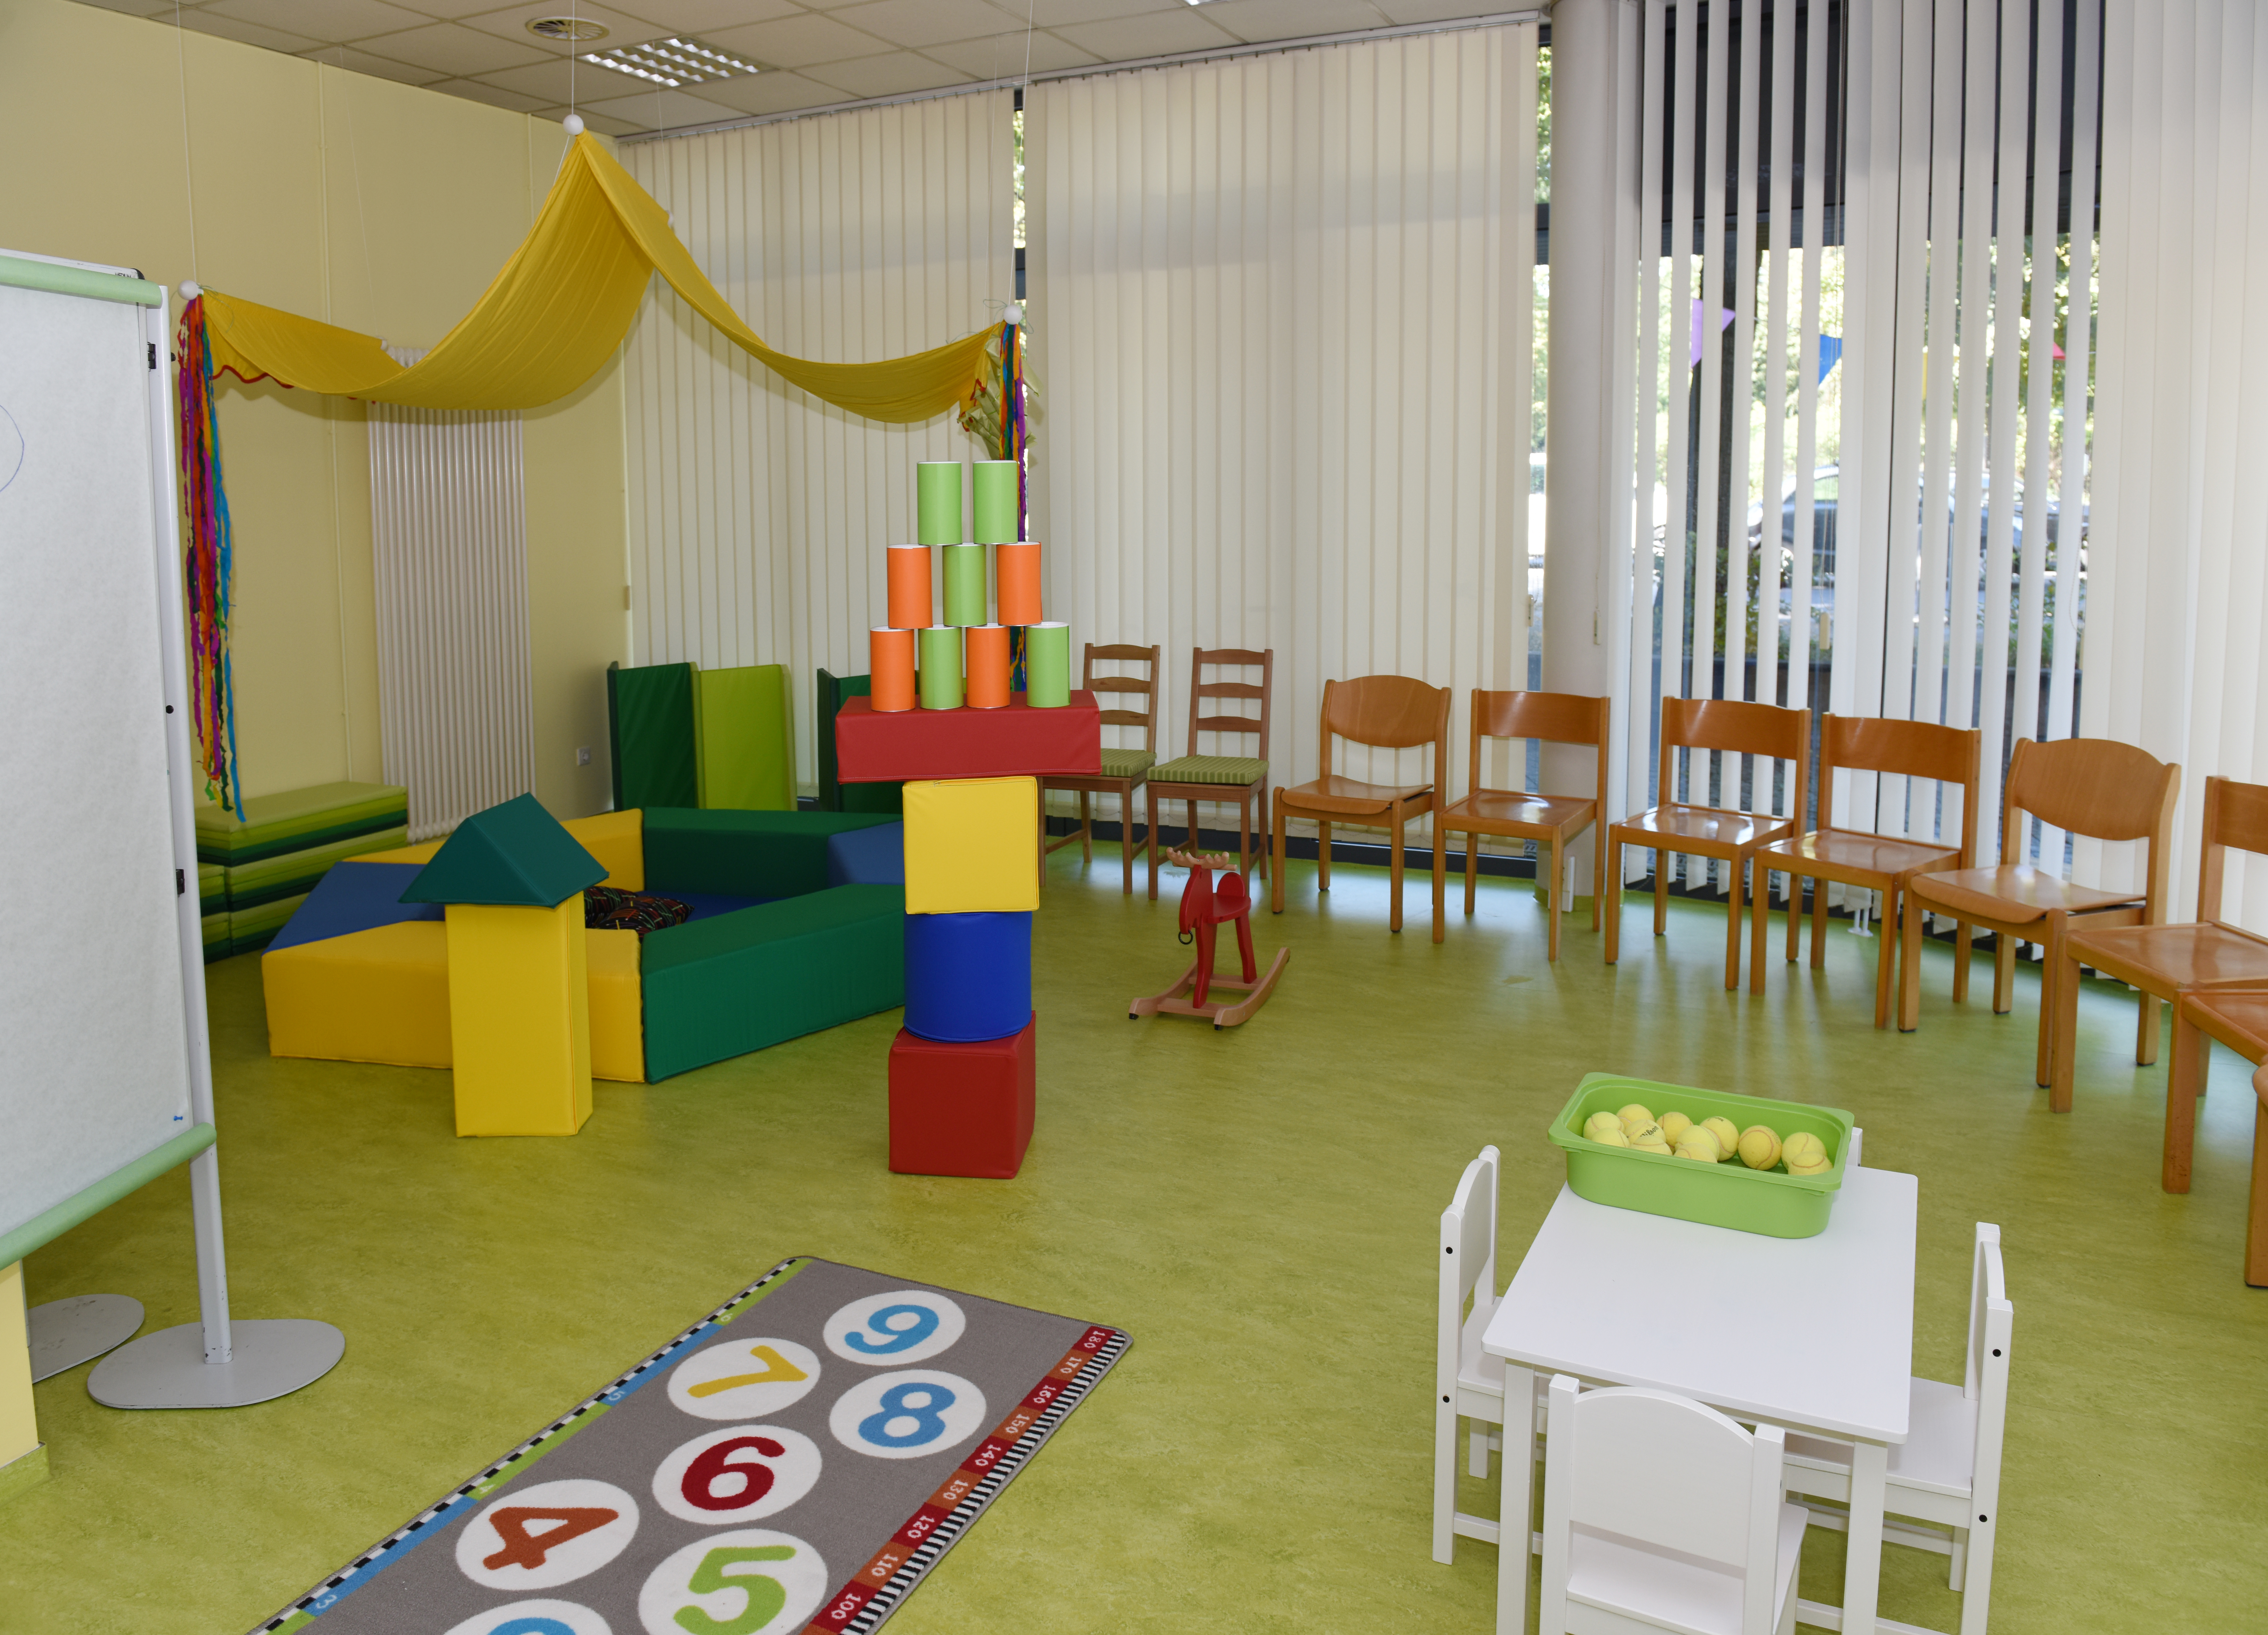 Familienbüro - Charité - Universitätsmedizin Berlin: Kinderzimmer